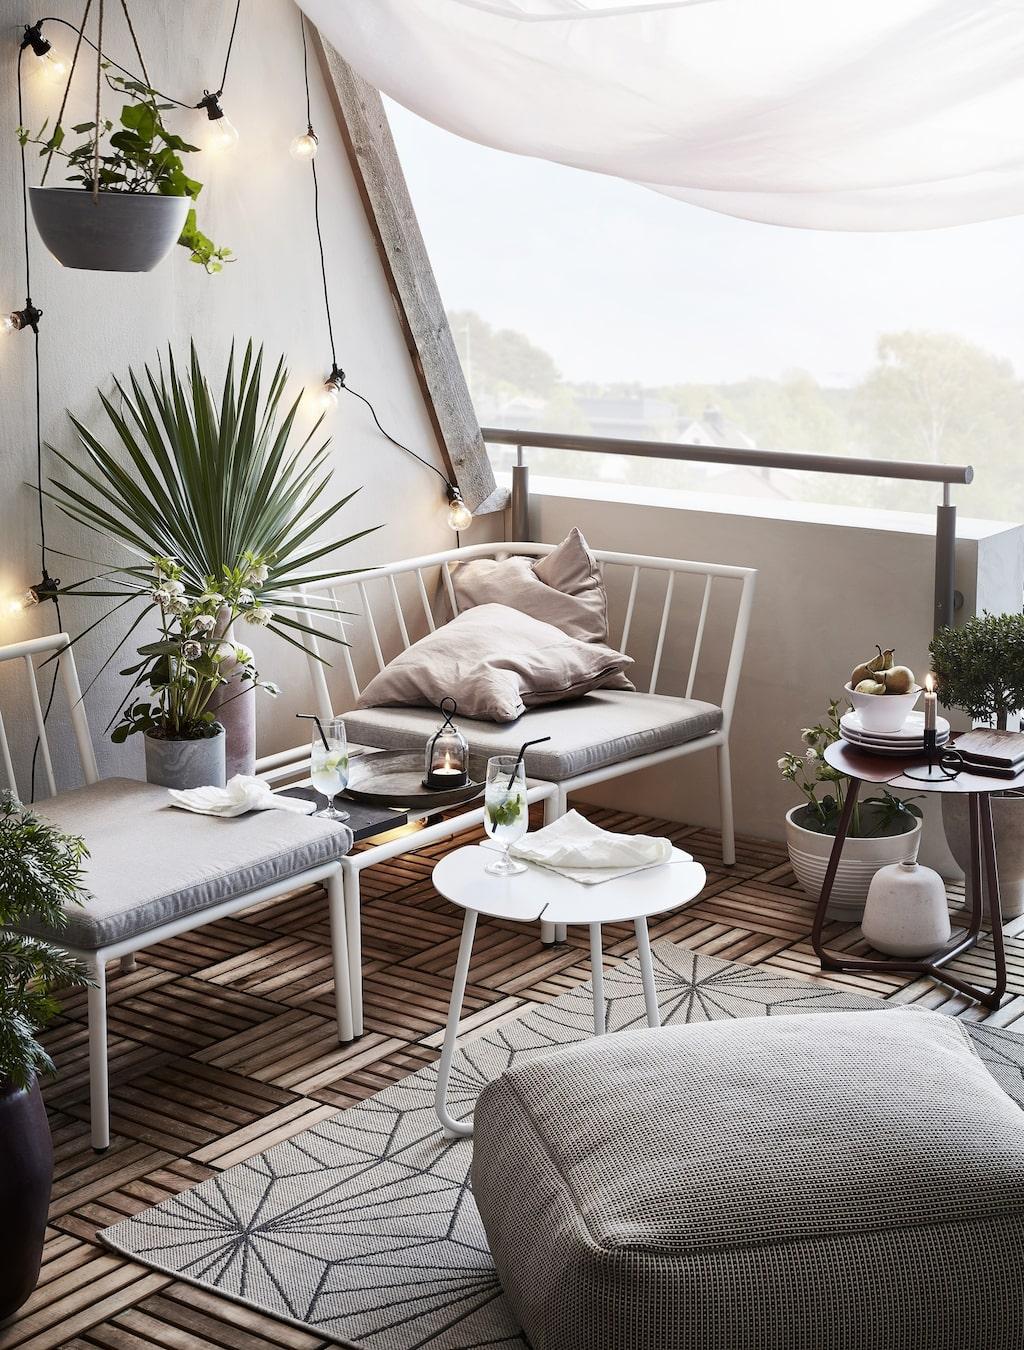 Jotex släpper nu sina sommarnyheter. Våra balkonger liknar alltmer ett vardagsrum – med snygga möbler och genomtänkt inredning.